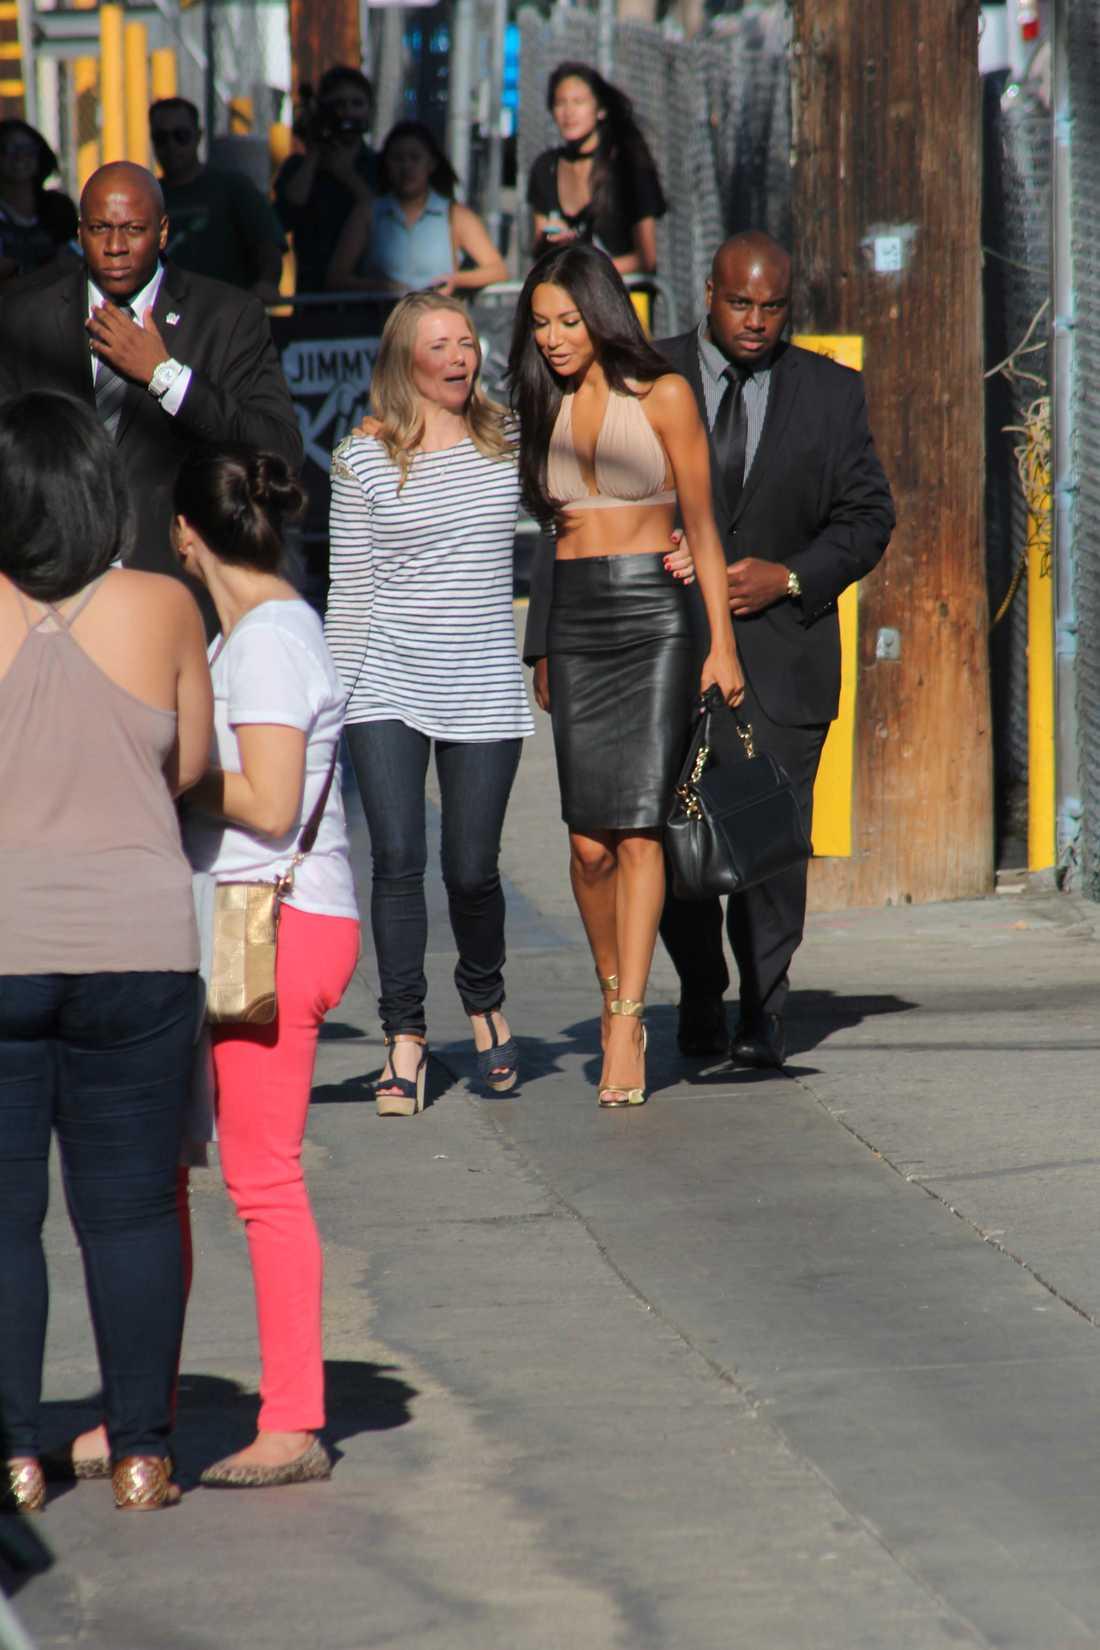 Naya Rivera med sin publicist och två livvakter lämnar tv-studion i Hollywood. Foto: Splash